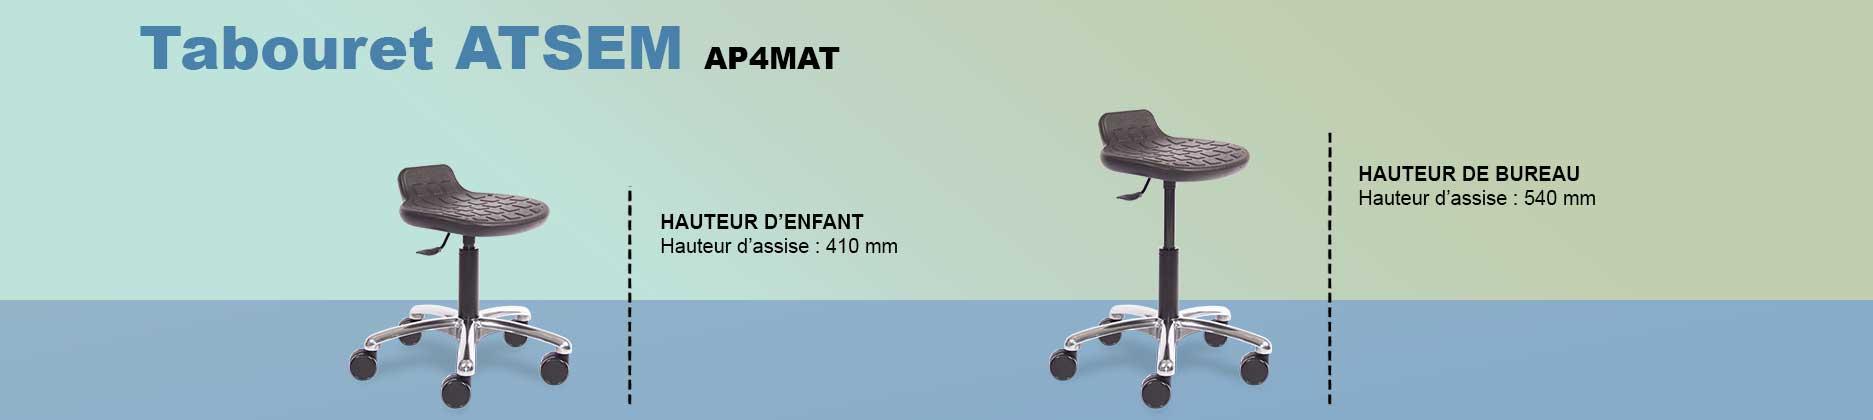 Tabouret AP4 MAT avec hauteur d'assise réglable pour le bureau et pour la petite enfance